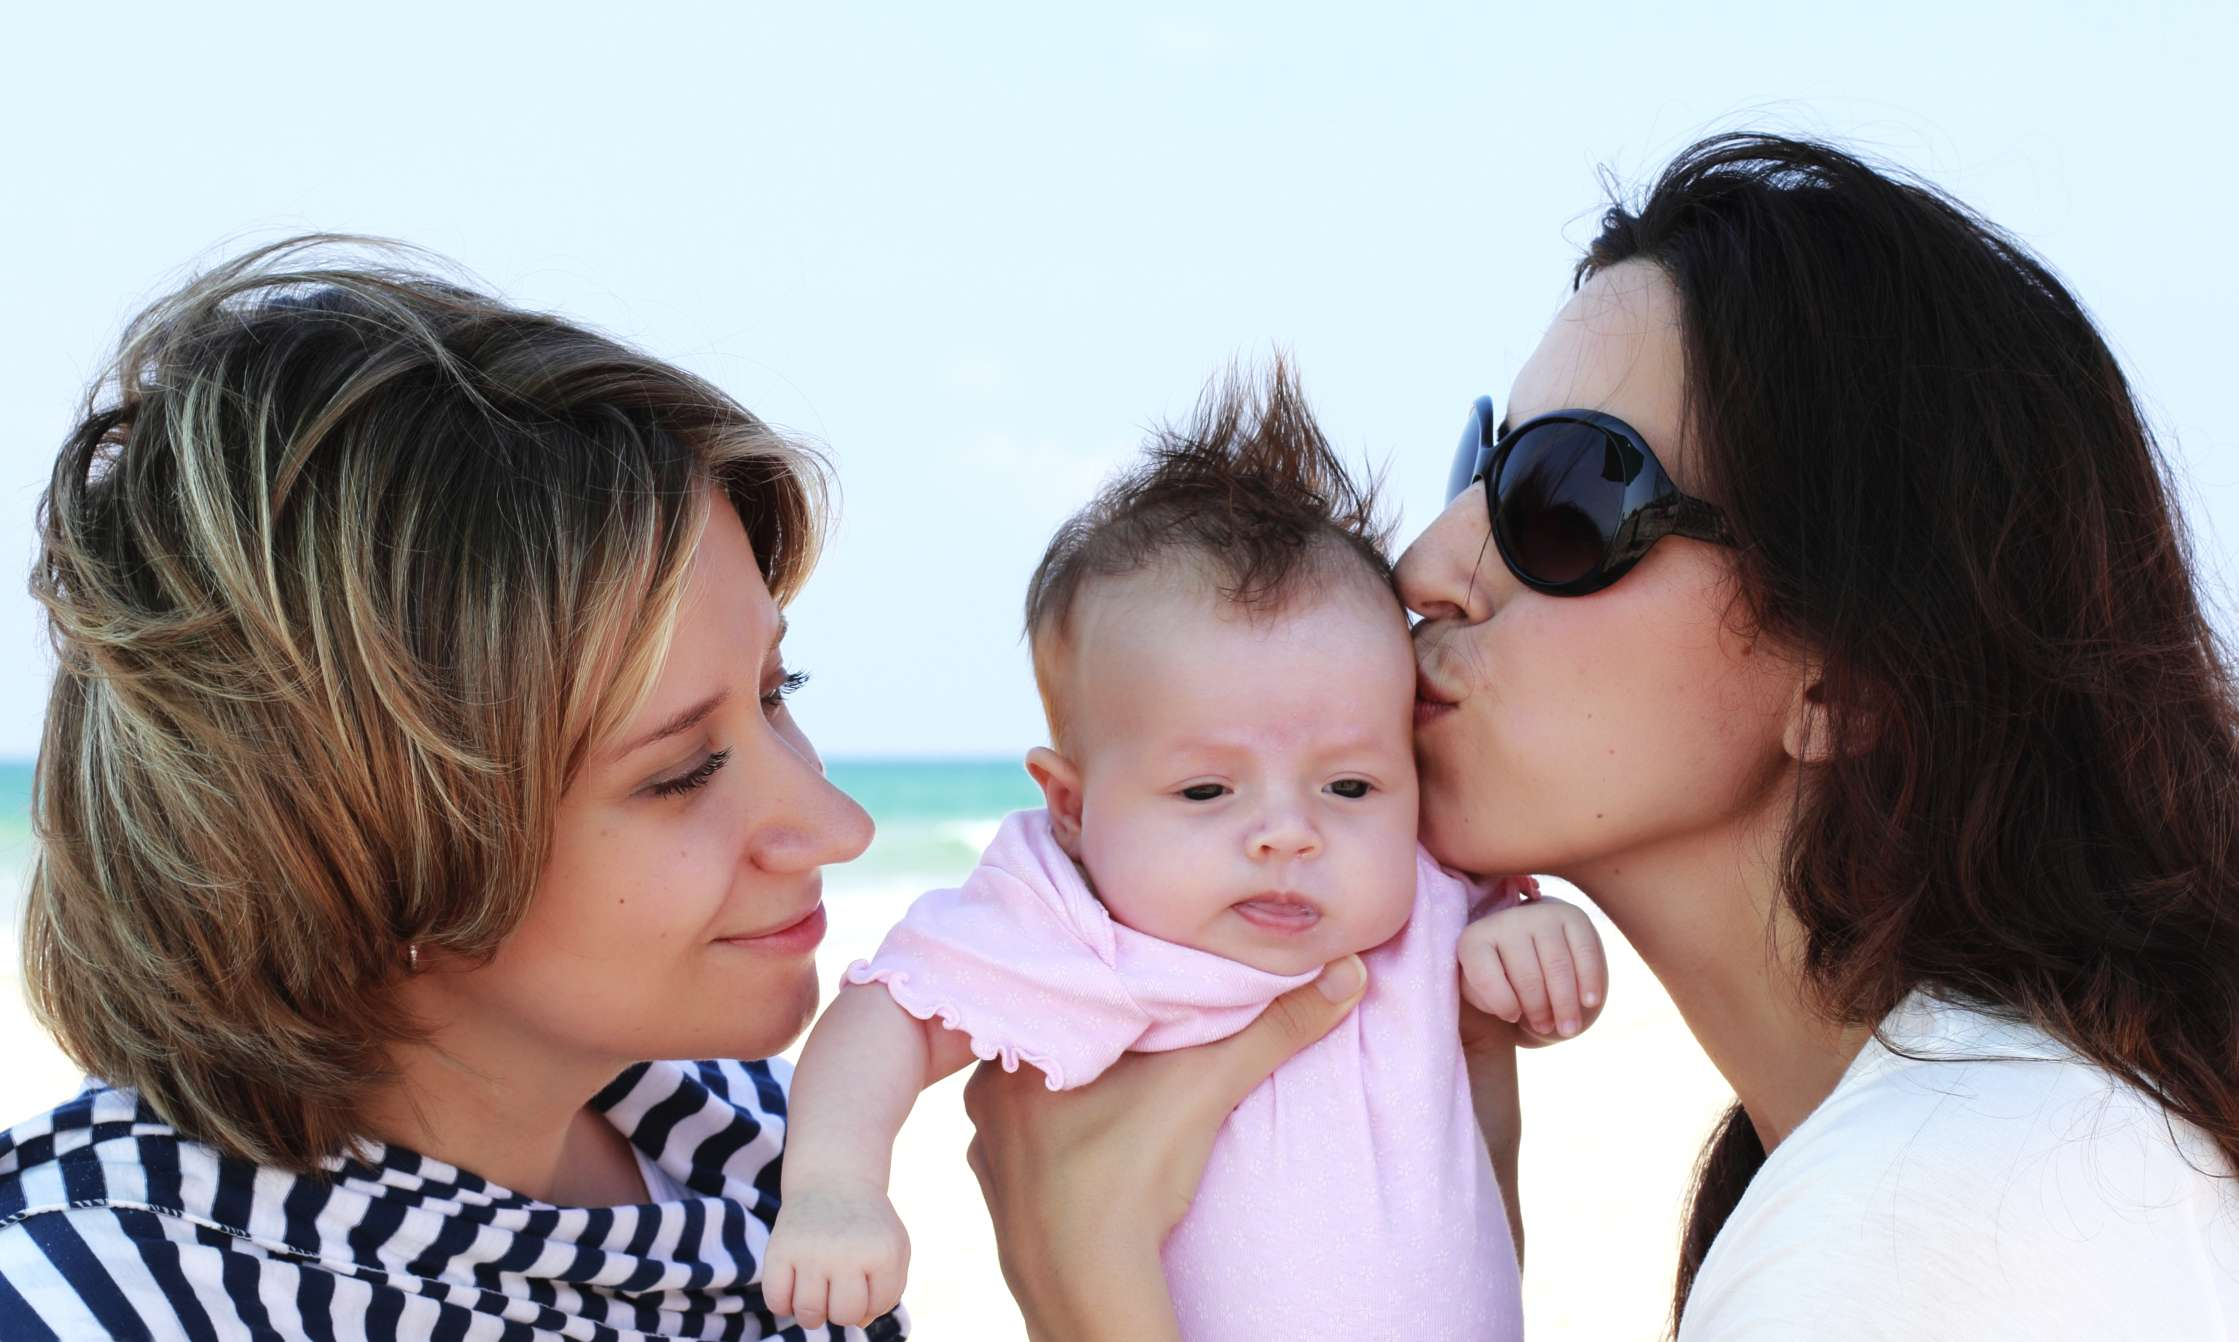 Cuidados compartilhados podem impactar positivamente na saúde da criança Foto: Getty Images